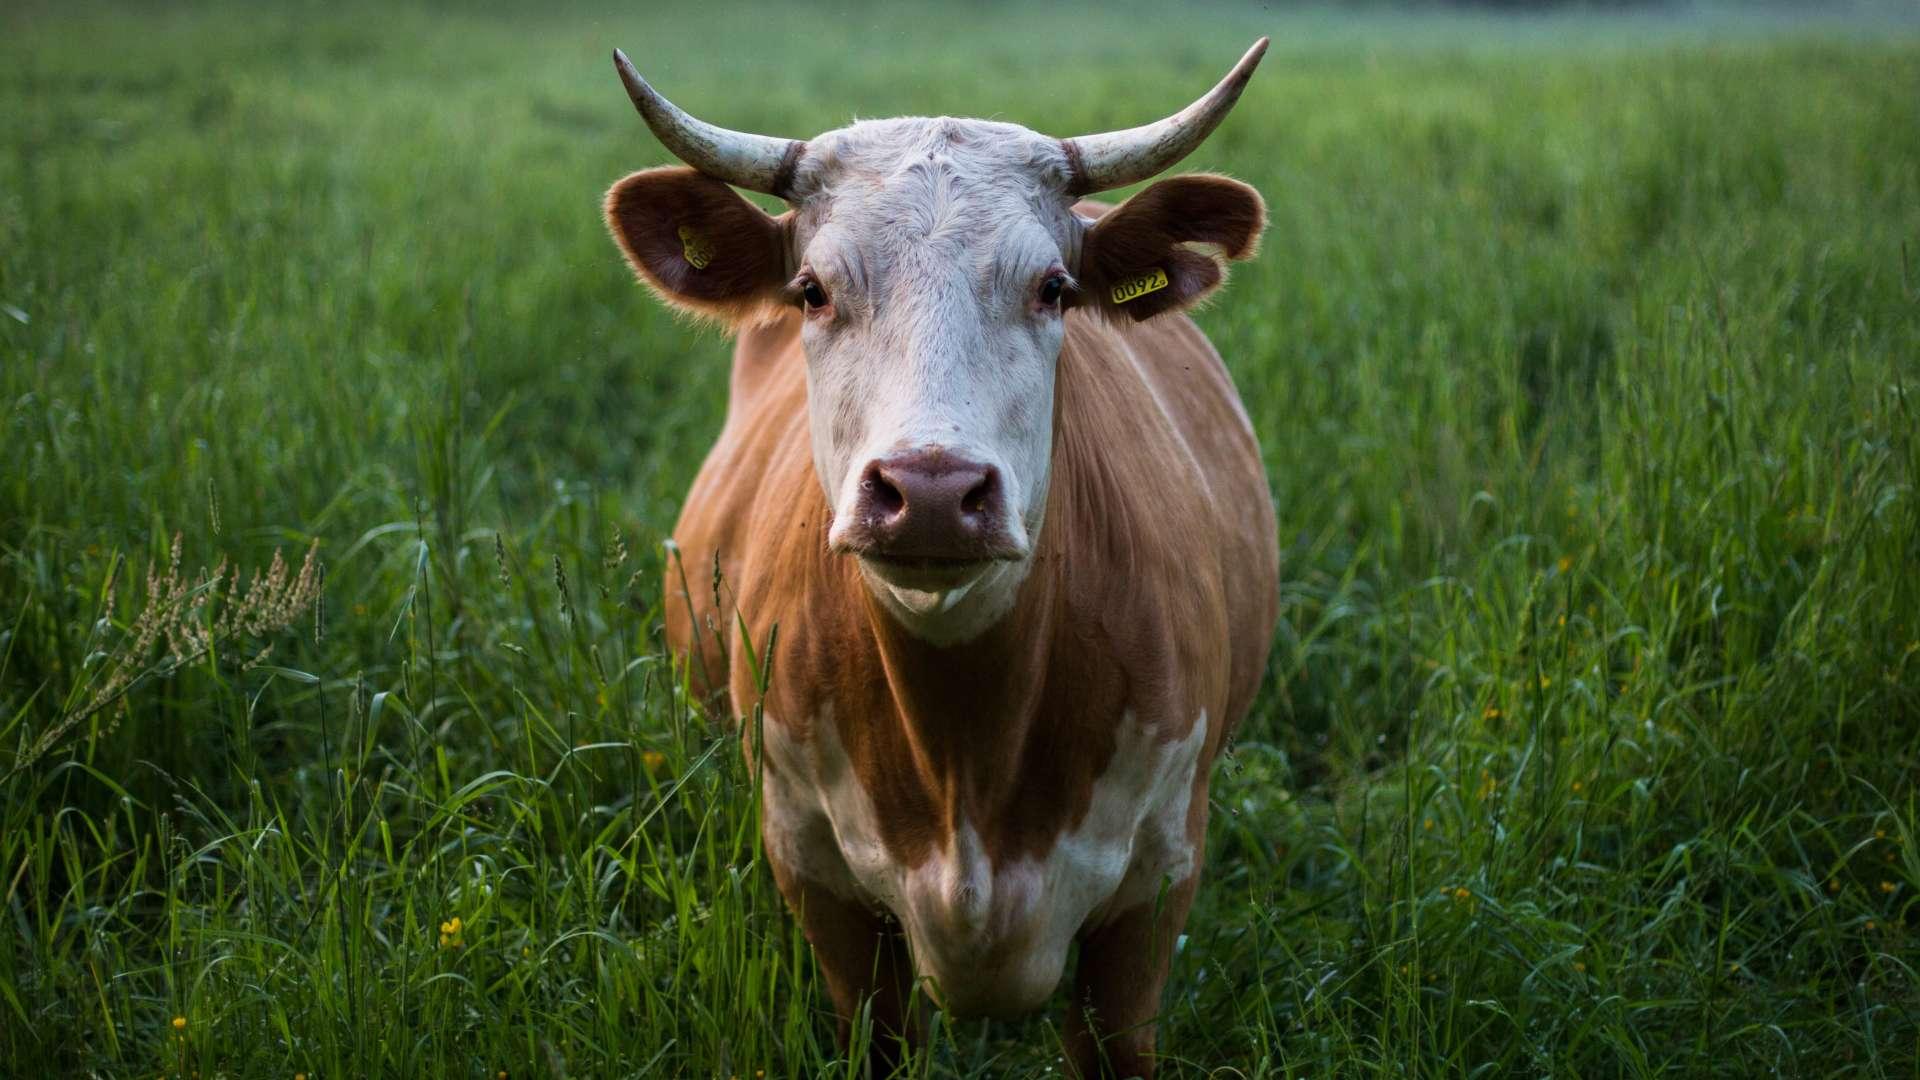 Kráva na zelené trávě, dlouhý pohled přímo do objektivu